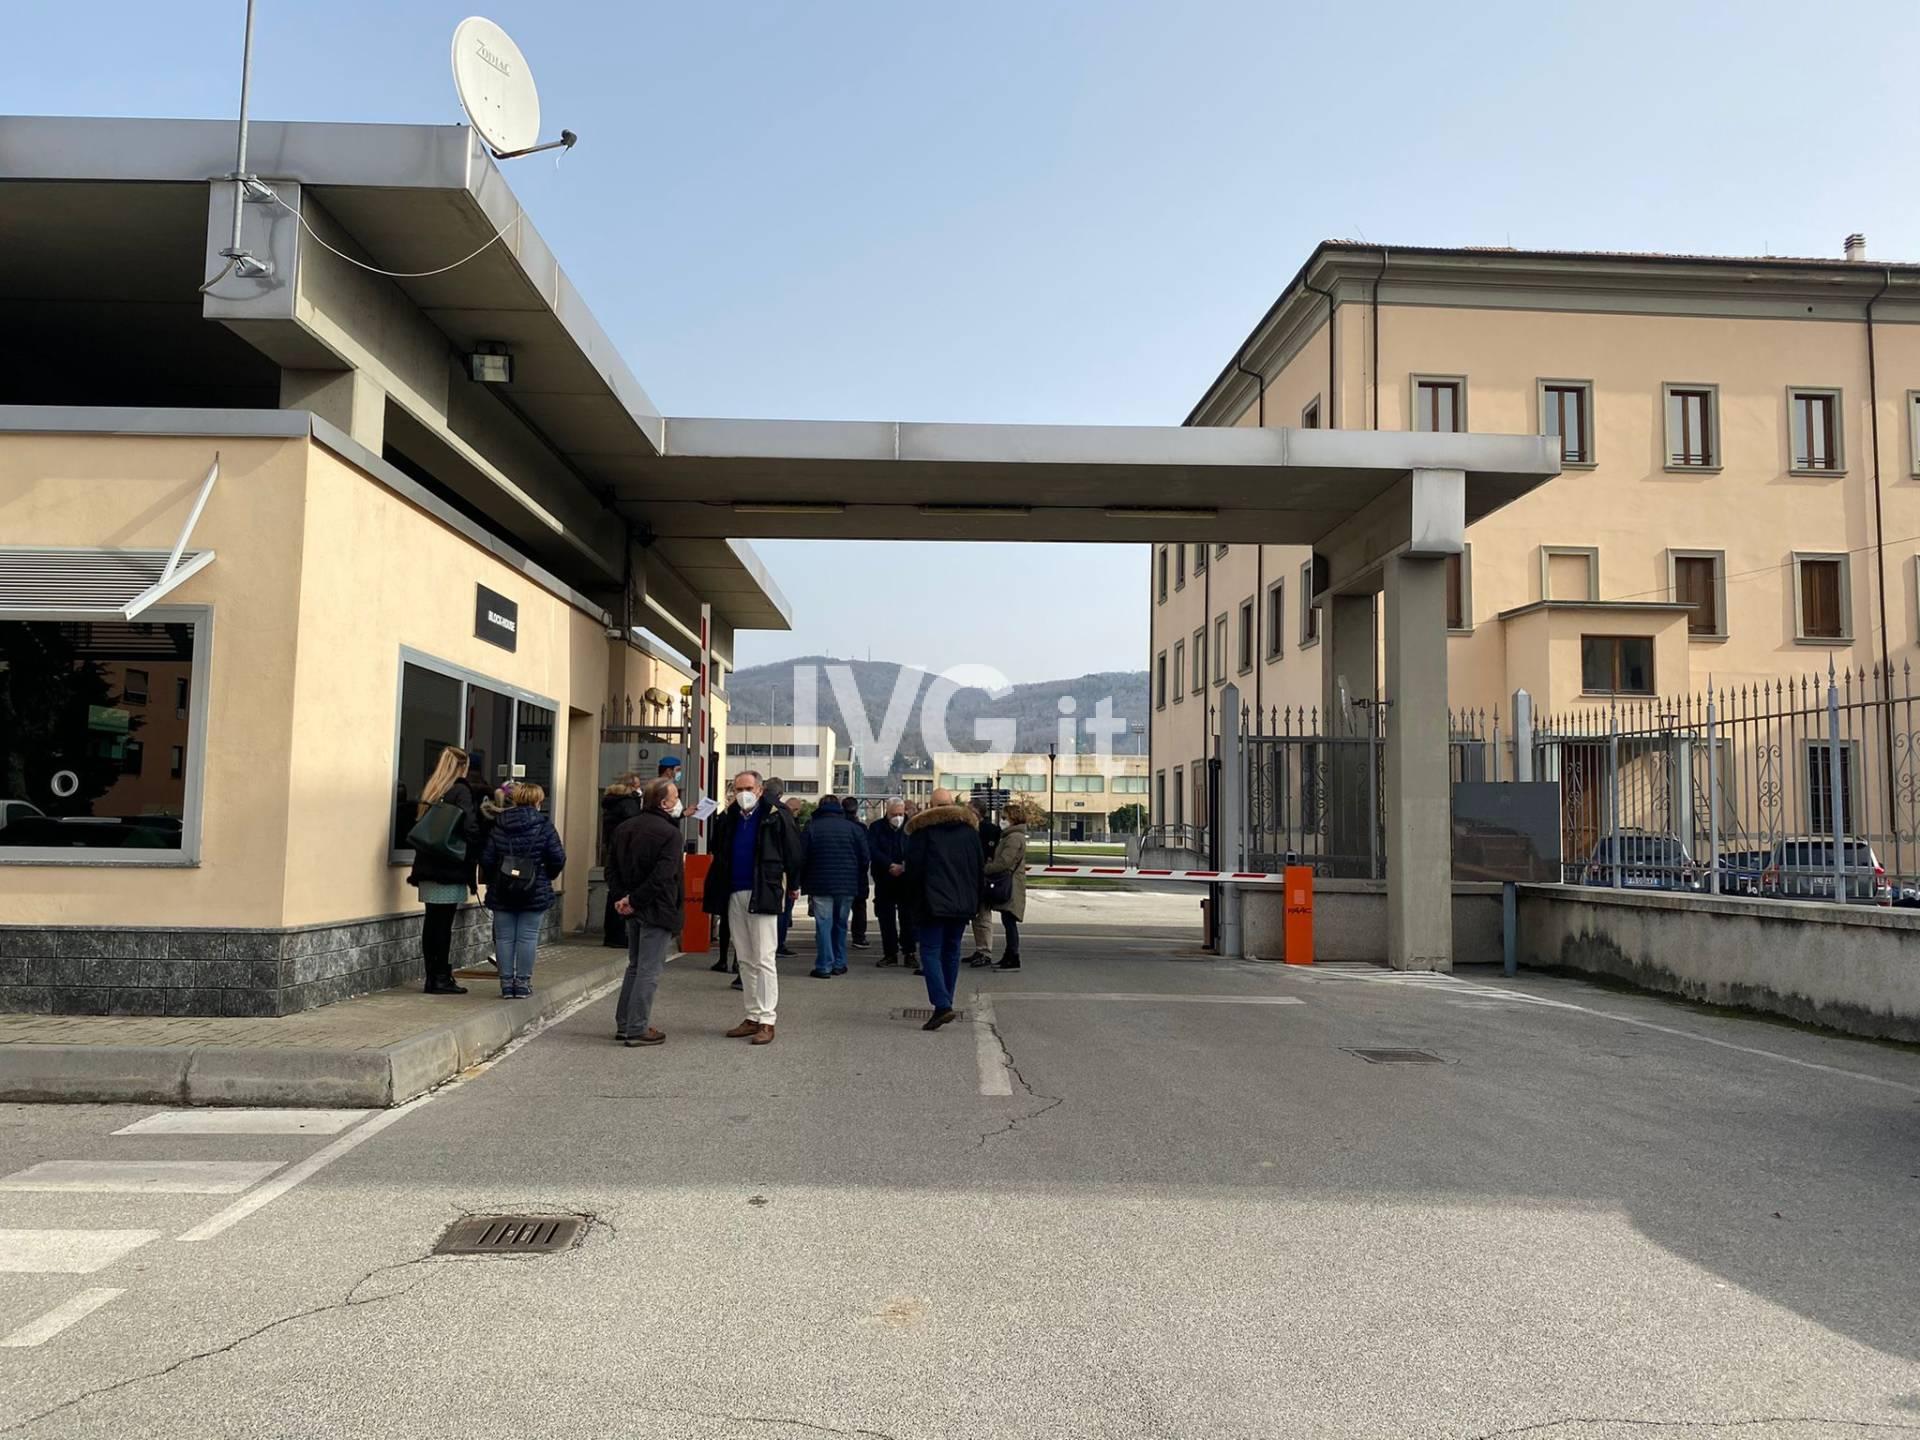 vaccini cairo scuola polizia penitenziaria